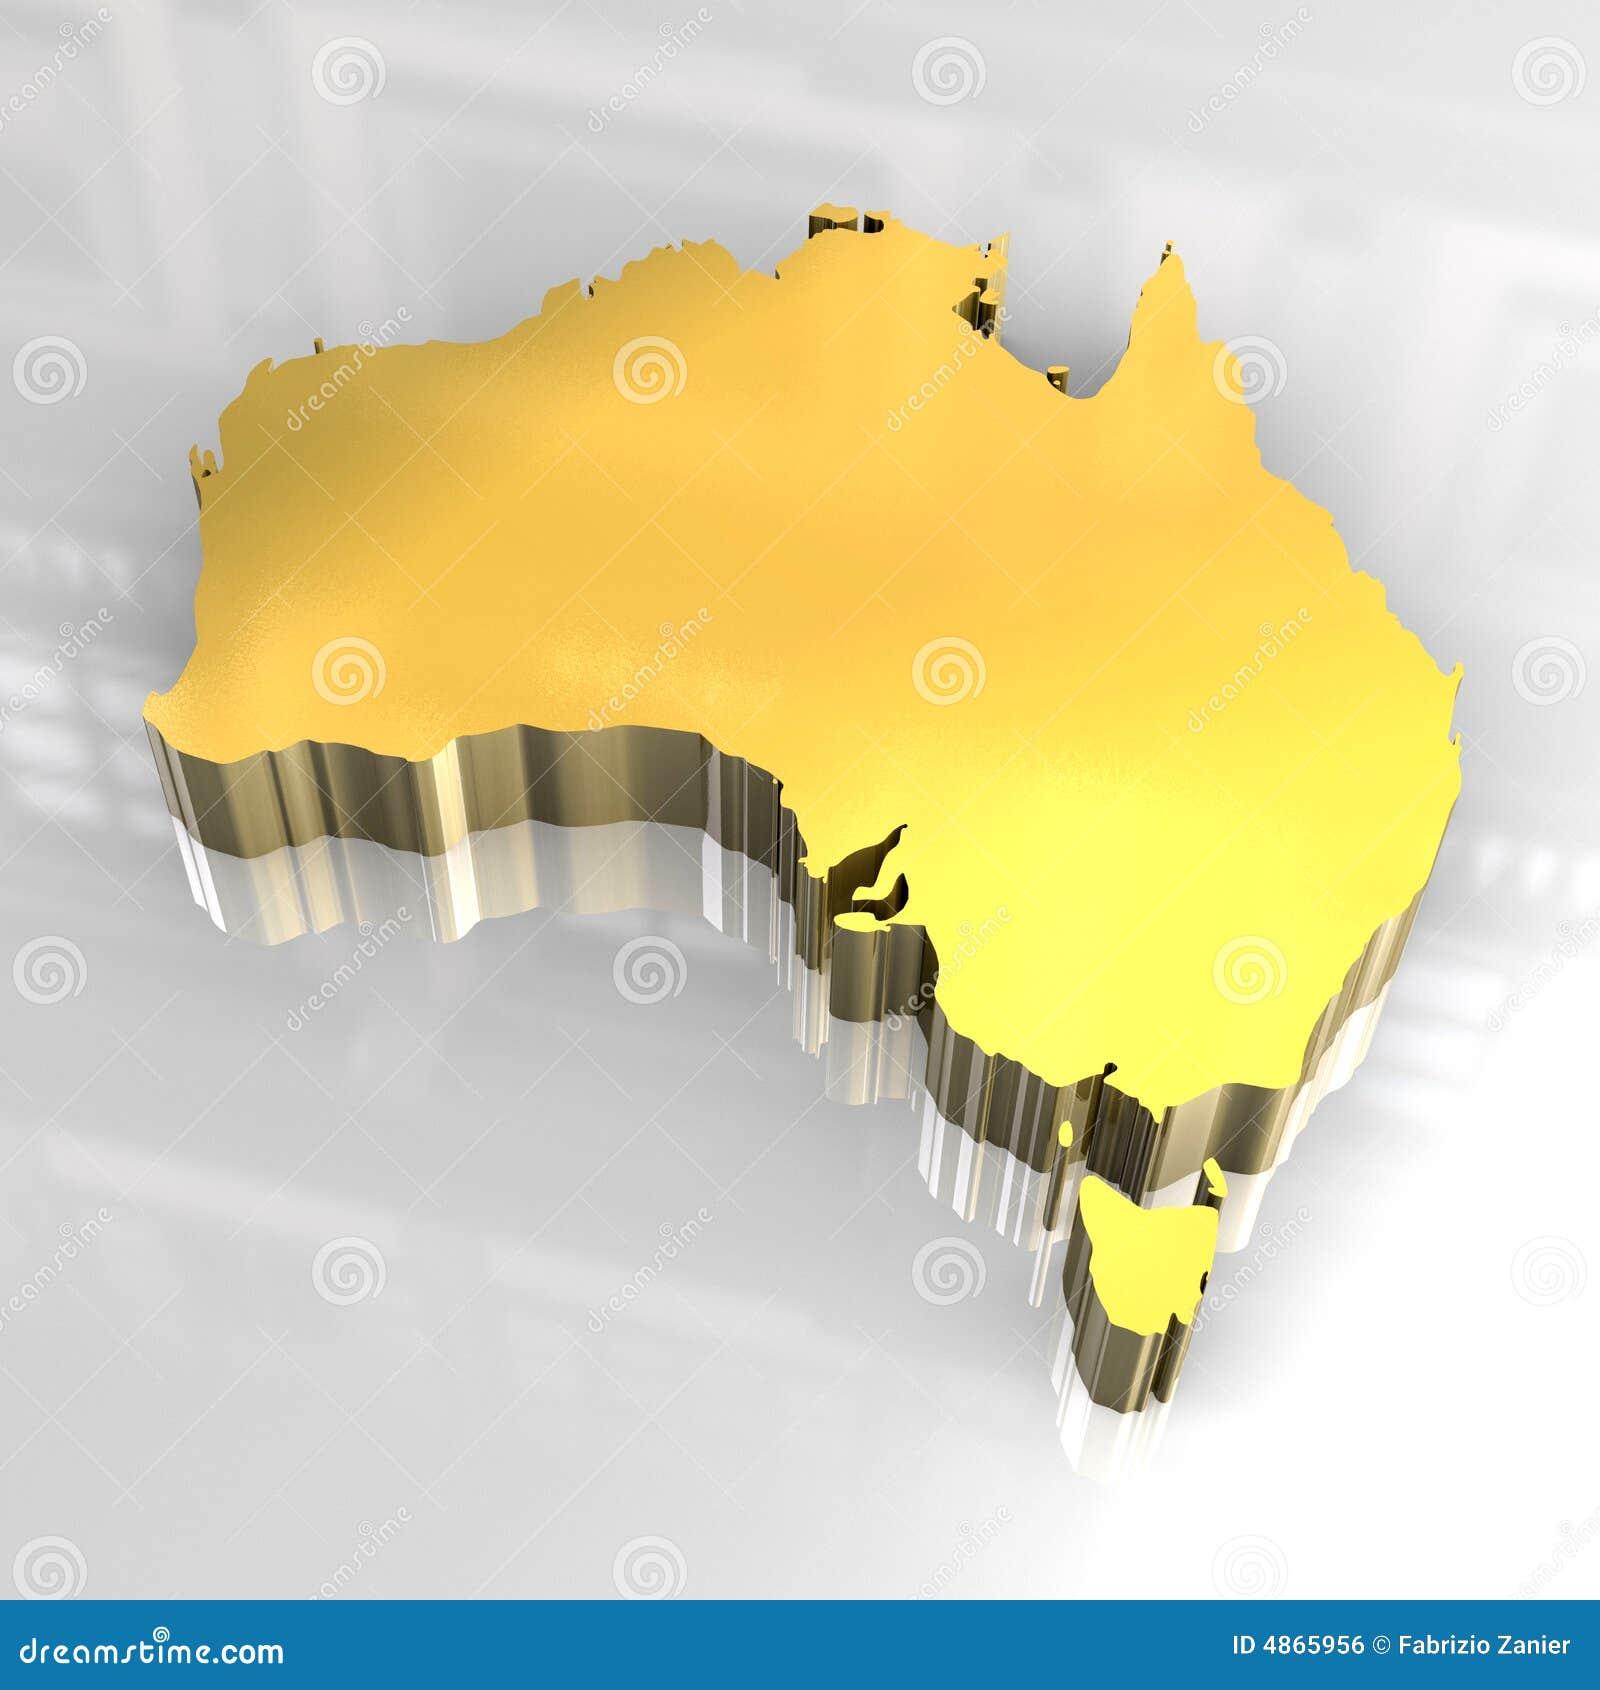 Free 3d Map Of Australia.3d Golden Map Of Australia Stock Illustration Illustration Of Clip